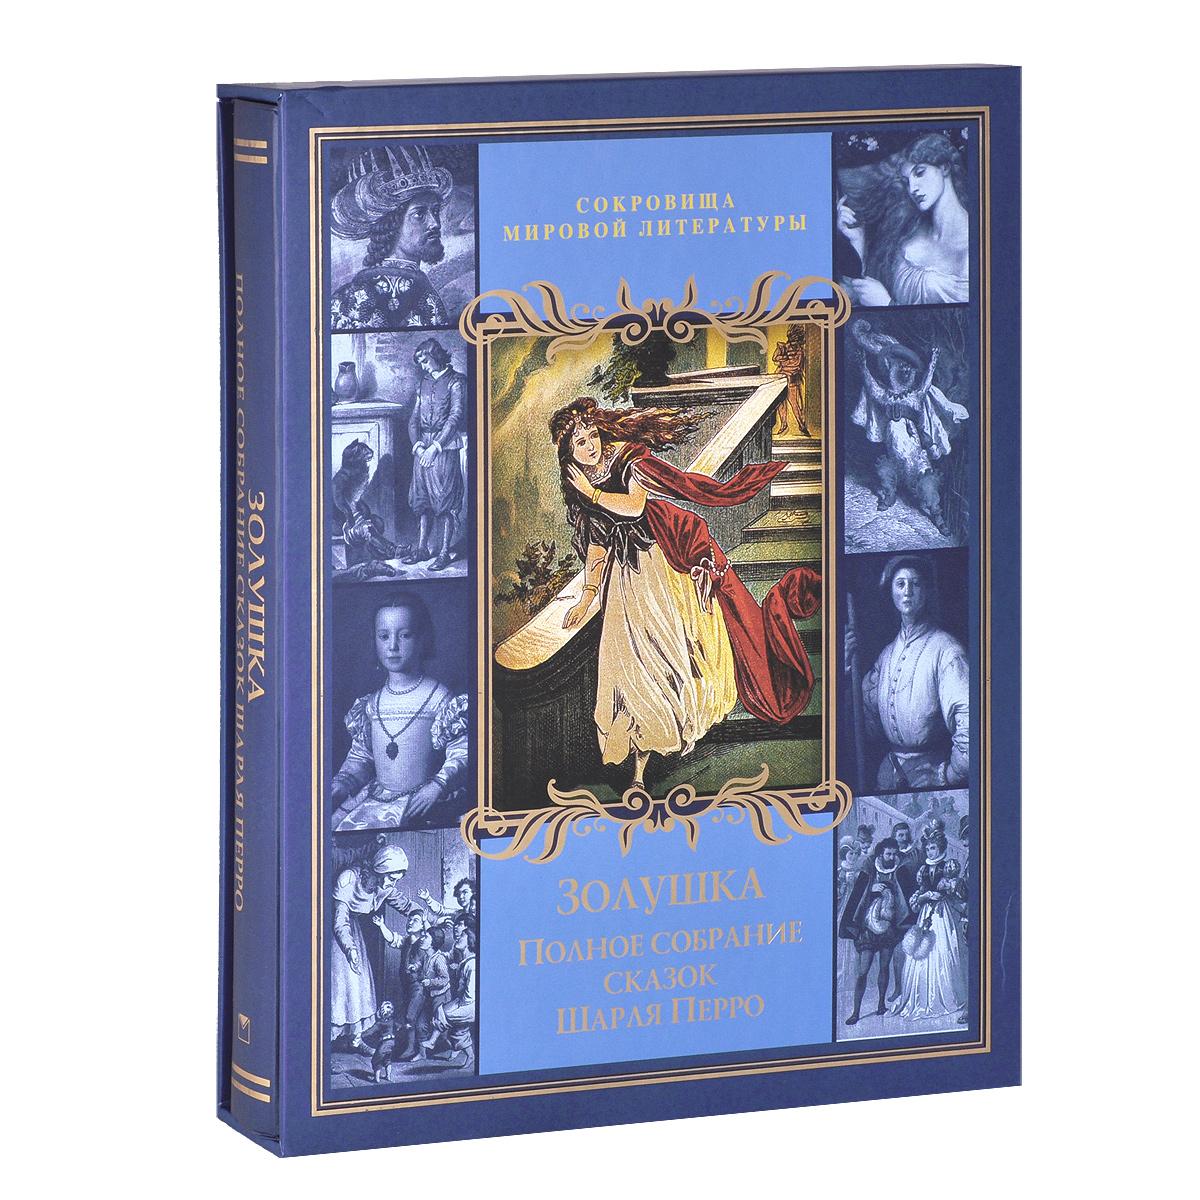 Золушка. Полное собрание сказок Шарля Перро12296407Сказки матушки Гусыни или истории и сказки былых времен с моральными поучениями - именно под таким забавным названием в 1697 году во Франции был впервые издан сборник сказок Шарля Перро. Обожаемые детьми и взрослыми, эти сказки не только воплощали мечту о чуде, например, о встрече бедной девушки с прекрасным принцем, но и содержали назидание, облеченное в ироничную и игривую форму. Примечательно, что сказки Шарля Перро были первой в мире книгой, написанной специально для детей. ЗОЛУШКА, СИНЯЯ БОРОДА, ОСЛИНАЯ ШКУРА, КОТ В САПОГАХ и другие волшебные сказки, представленные читателю в новом переводе и богато иллюстрированные работами мастеров мировой живописи и книжной графики XVIII - XX вв., станут настоящим украшением любой библиотеки и принесут читателям всех возрастов незабываемые минуты удовольствия.